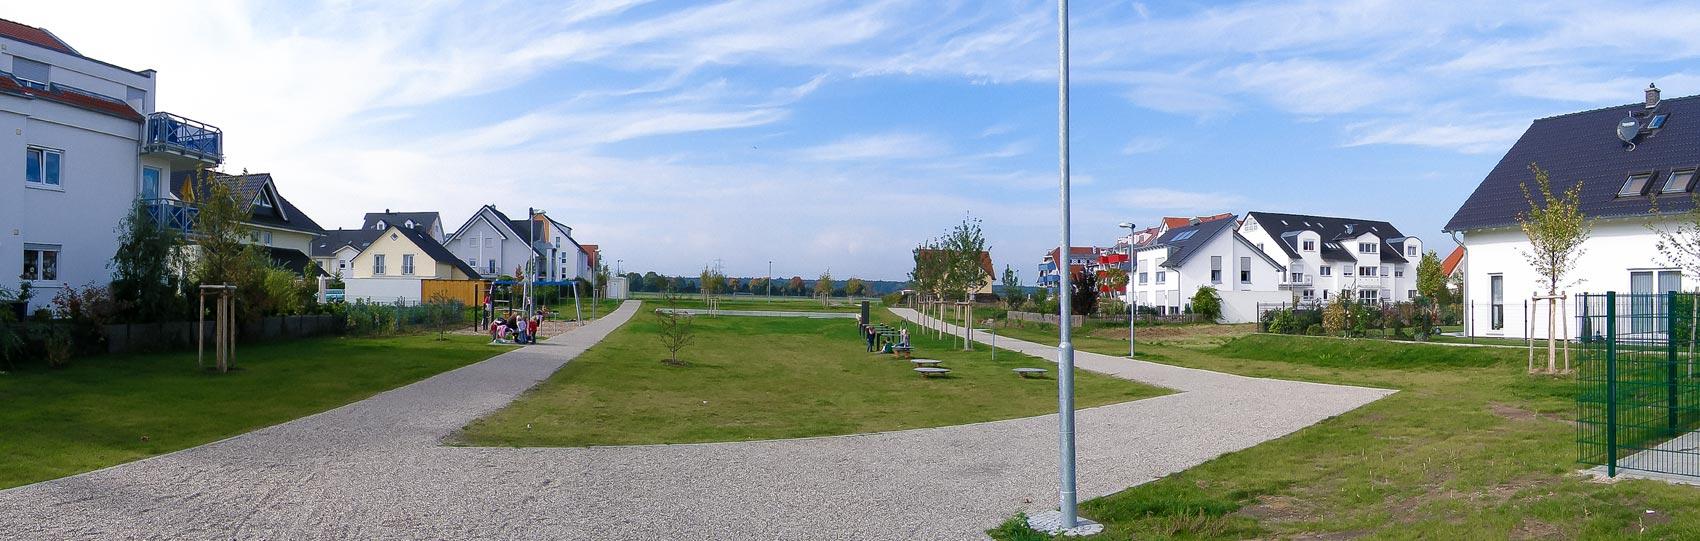 Panorama Oktober 2010